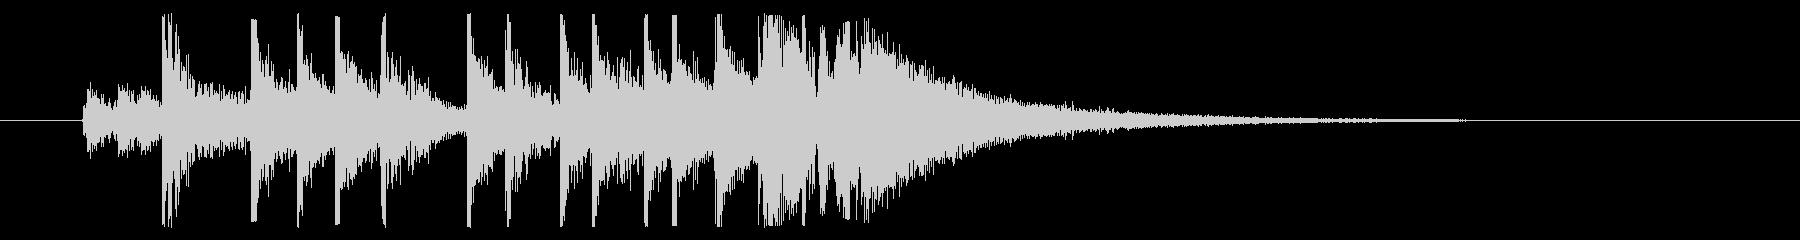 【ジングル】かっこいいロックドラムの未再生の波形